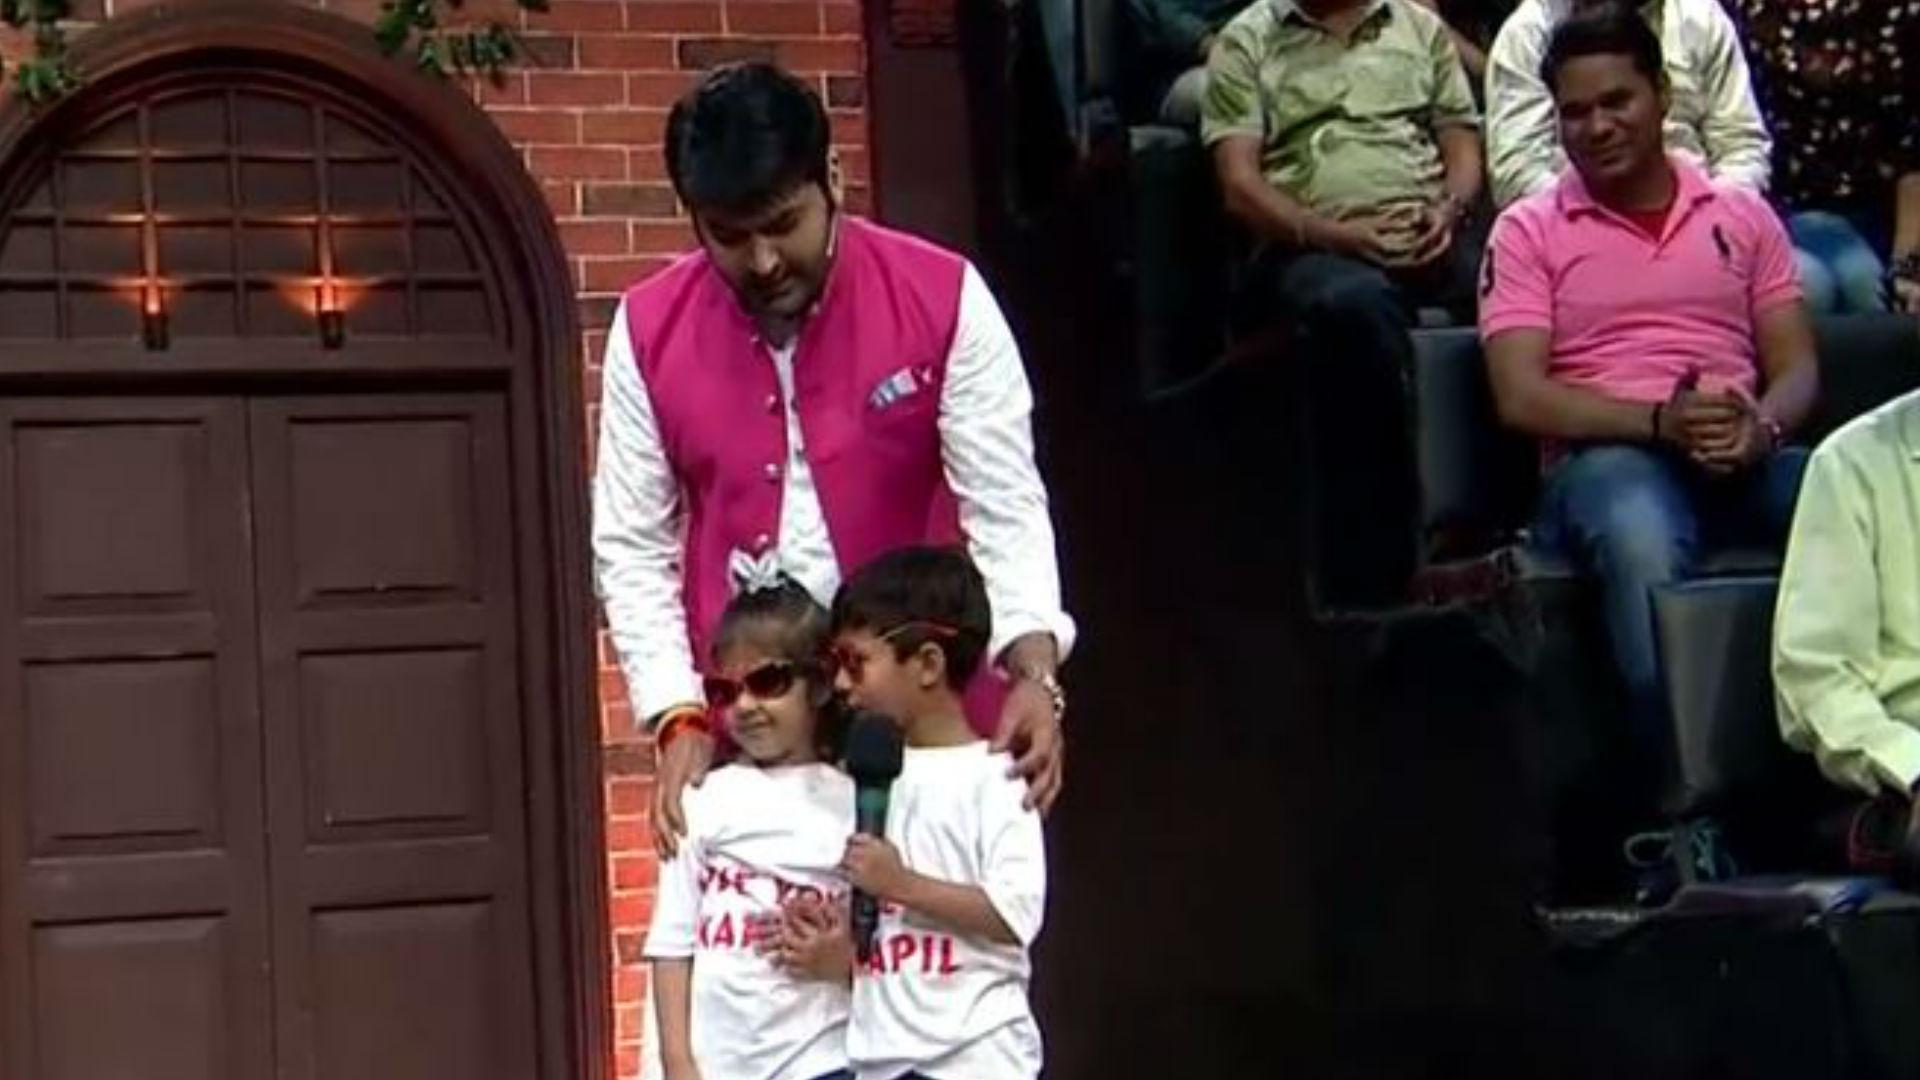 शो में कपिल शर्मा ने इन दोनों बच्चों को देखने के बाद कही ऐसी बात, ऑडियंस में बजने लगी जबरदस्त तालियां